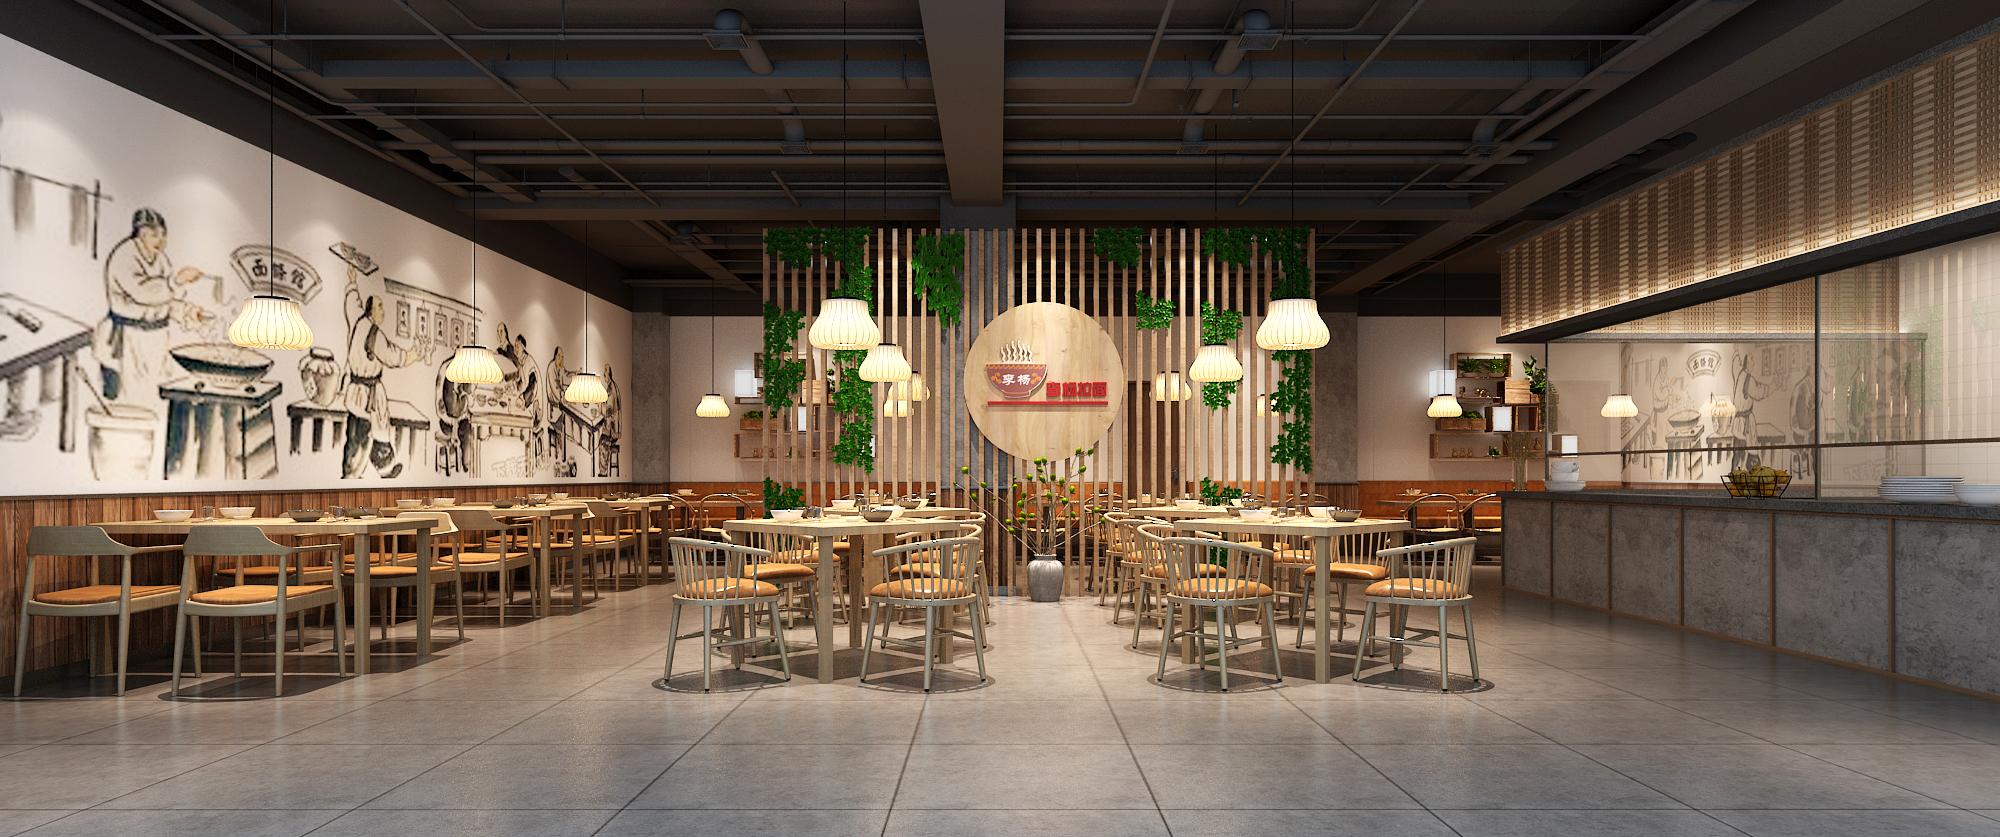 郑州餐厅设计师解读餐厅的内部空间划分